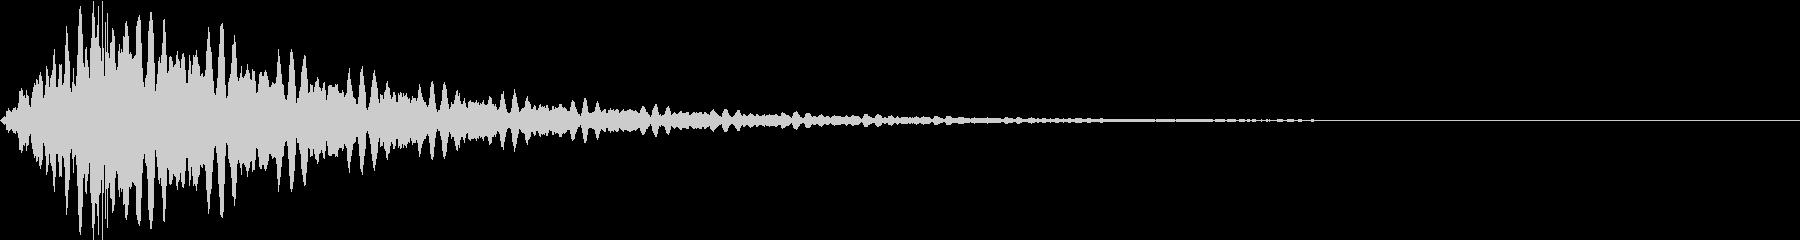 シュイーン(金属チックなトーン)の未再生の波形